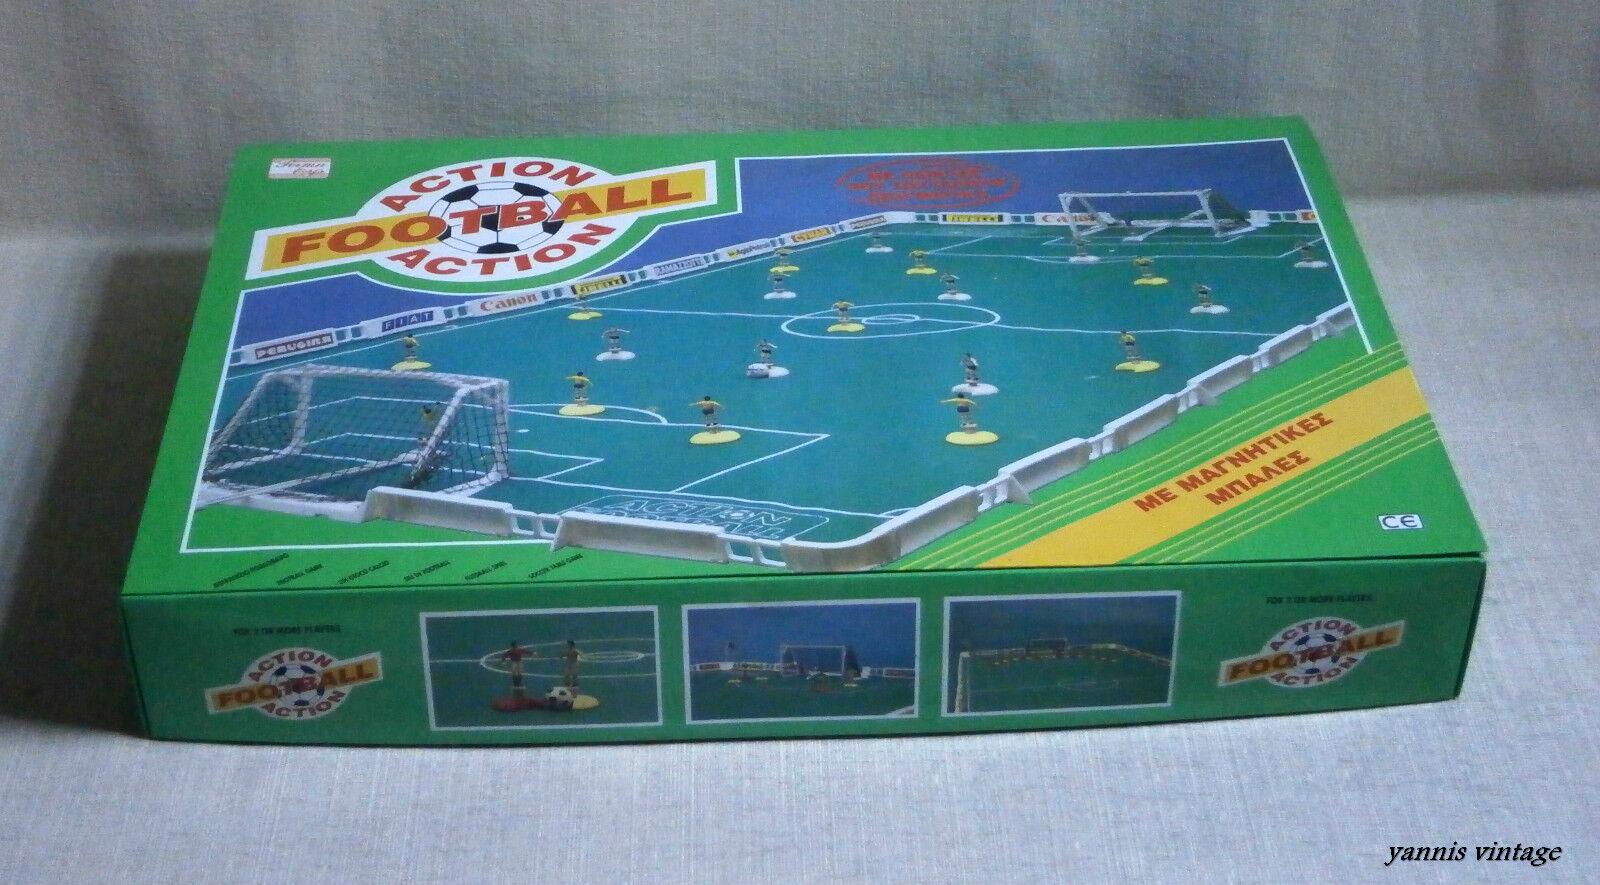 AZIONE  footbtutti calcio tavolo gioco Nuovo  con Scatola Grecia Perma GIOCATTOLI Greco vintage Unique  vendita online